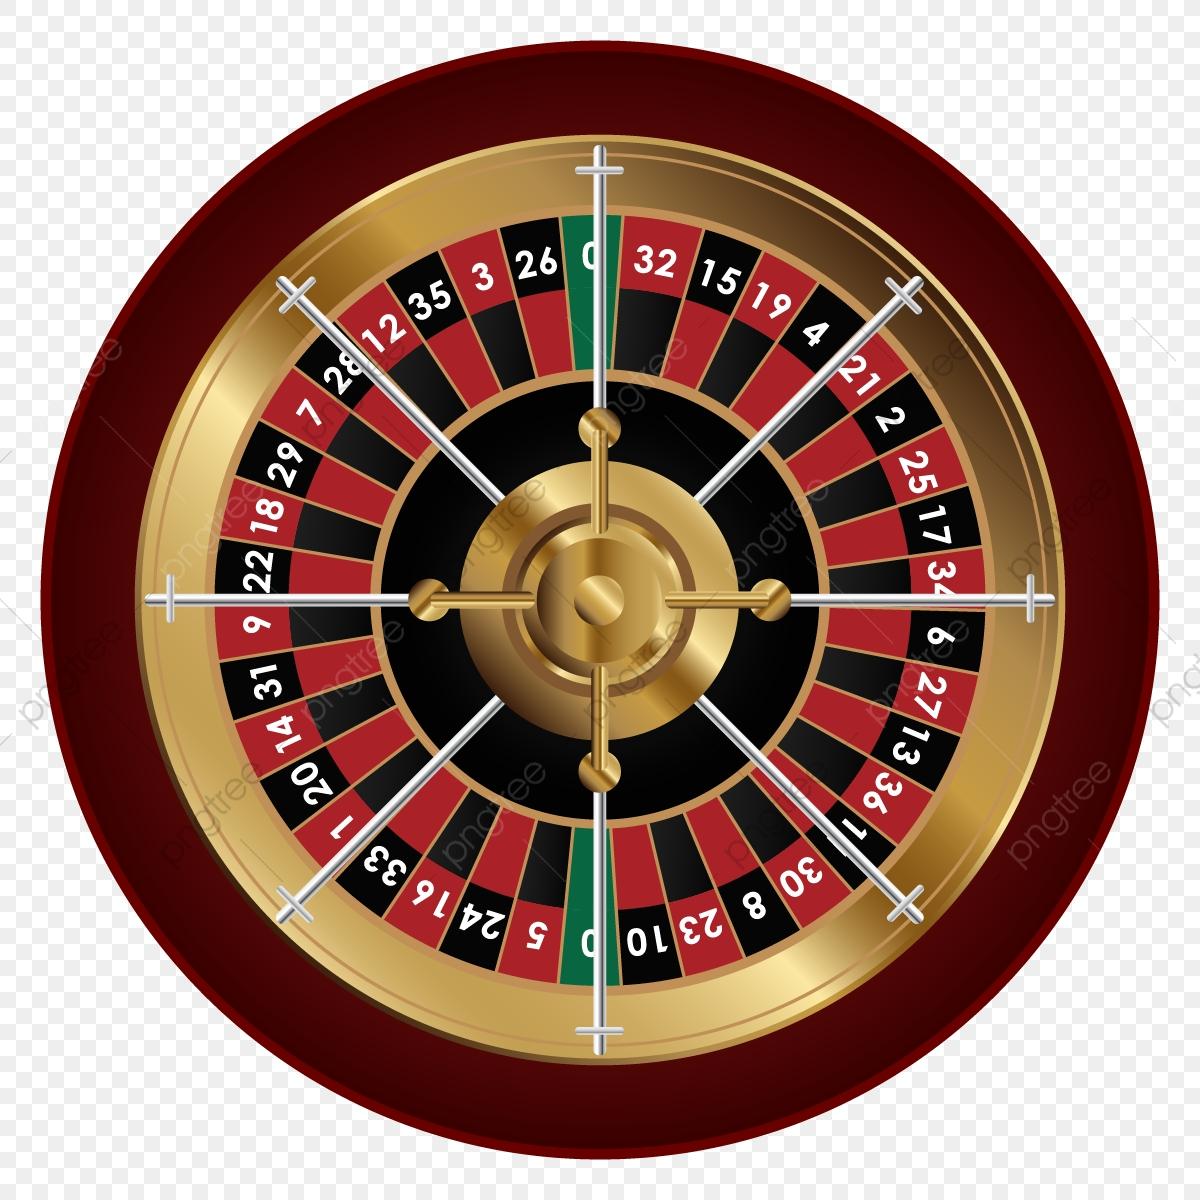 Top 10 des meilleurs casinos en ligne : notre classement